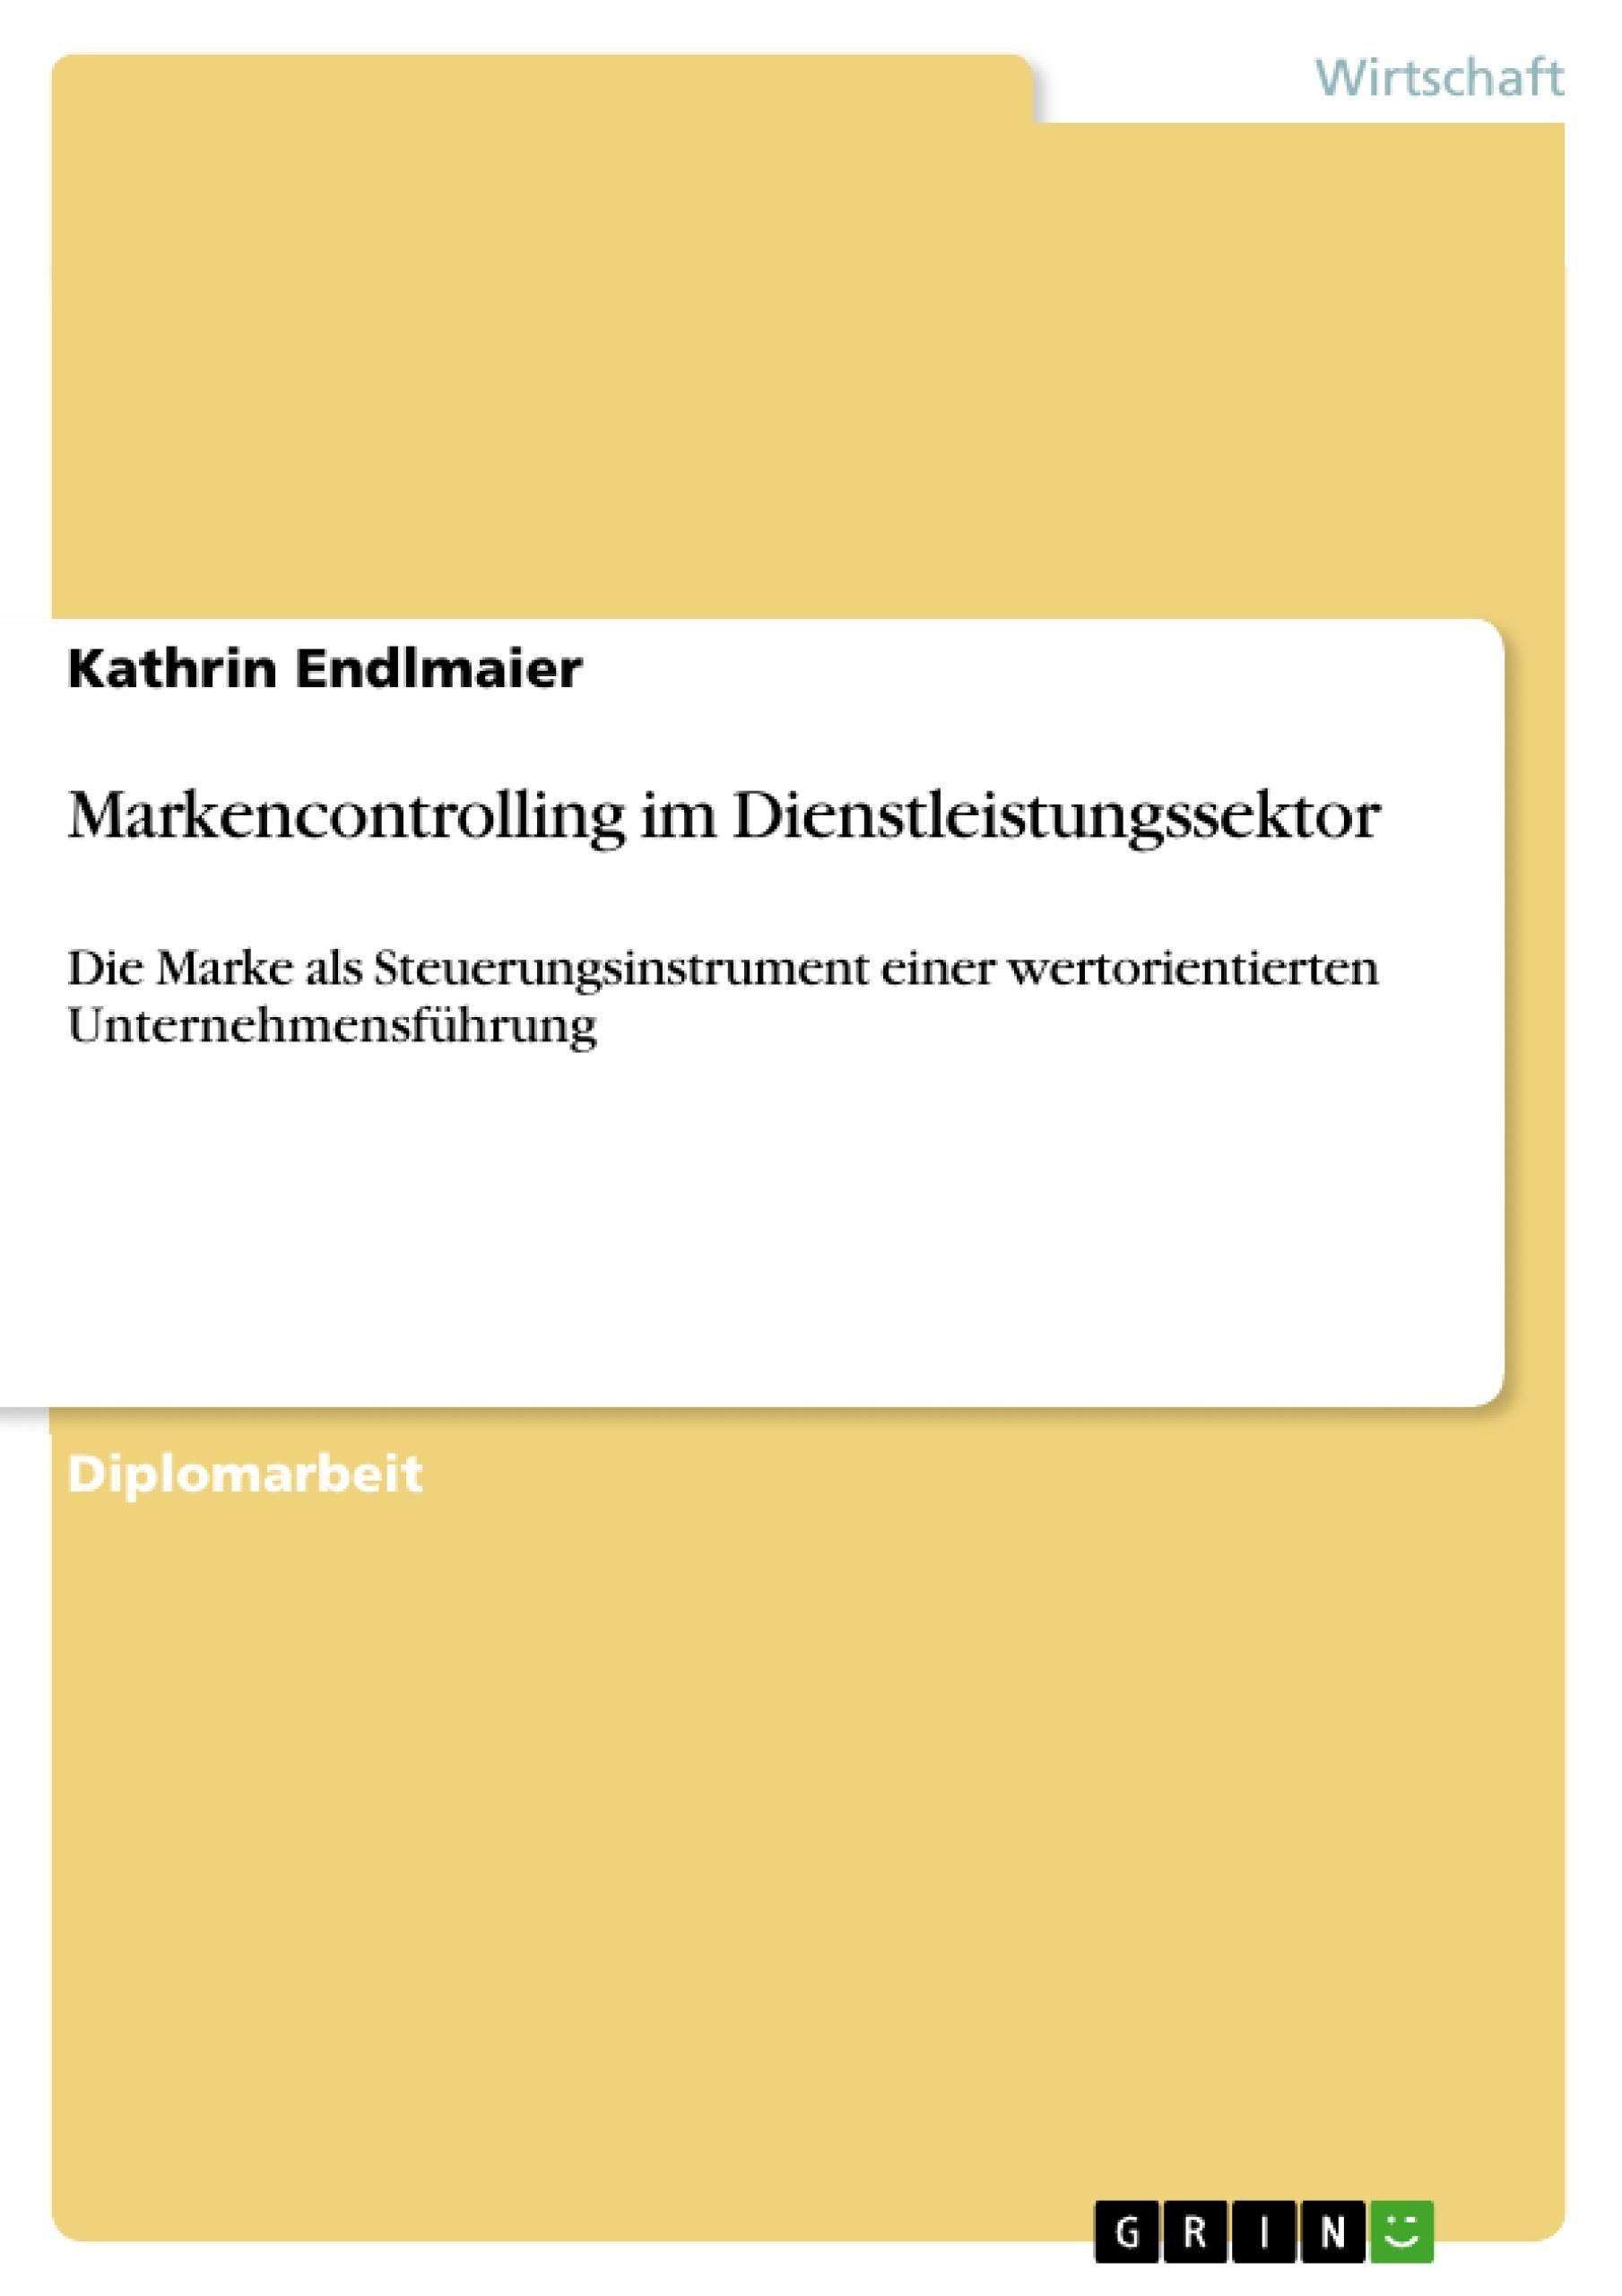 Titel: Markencontrolling im Dienstleistungssektor